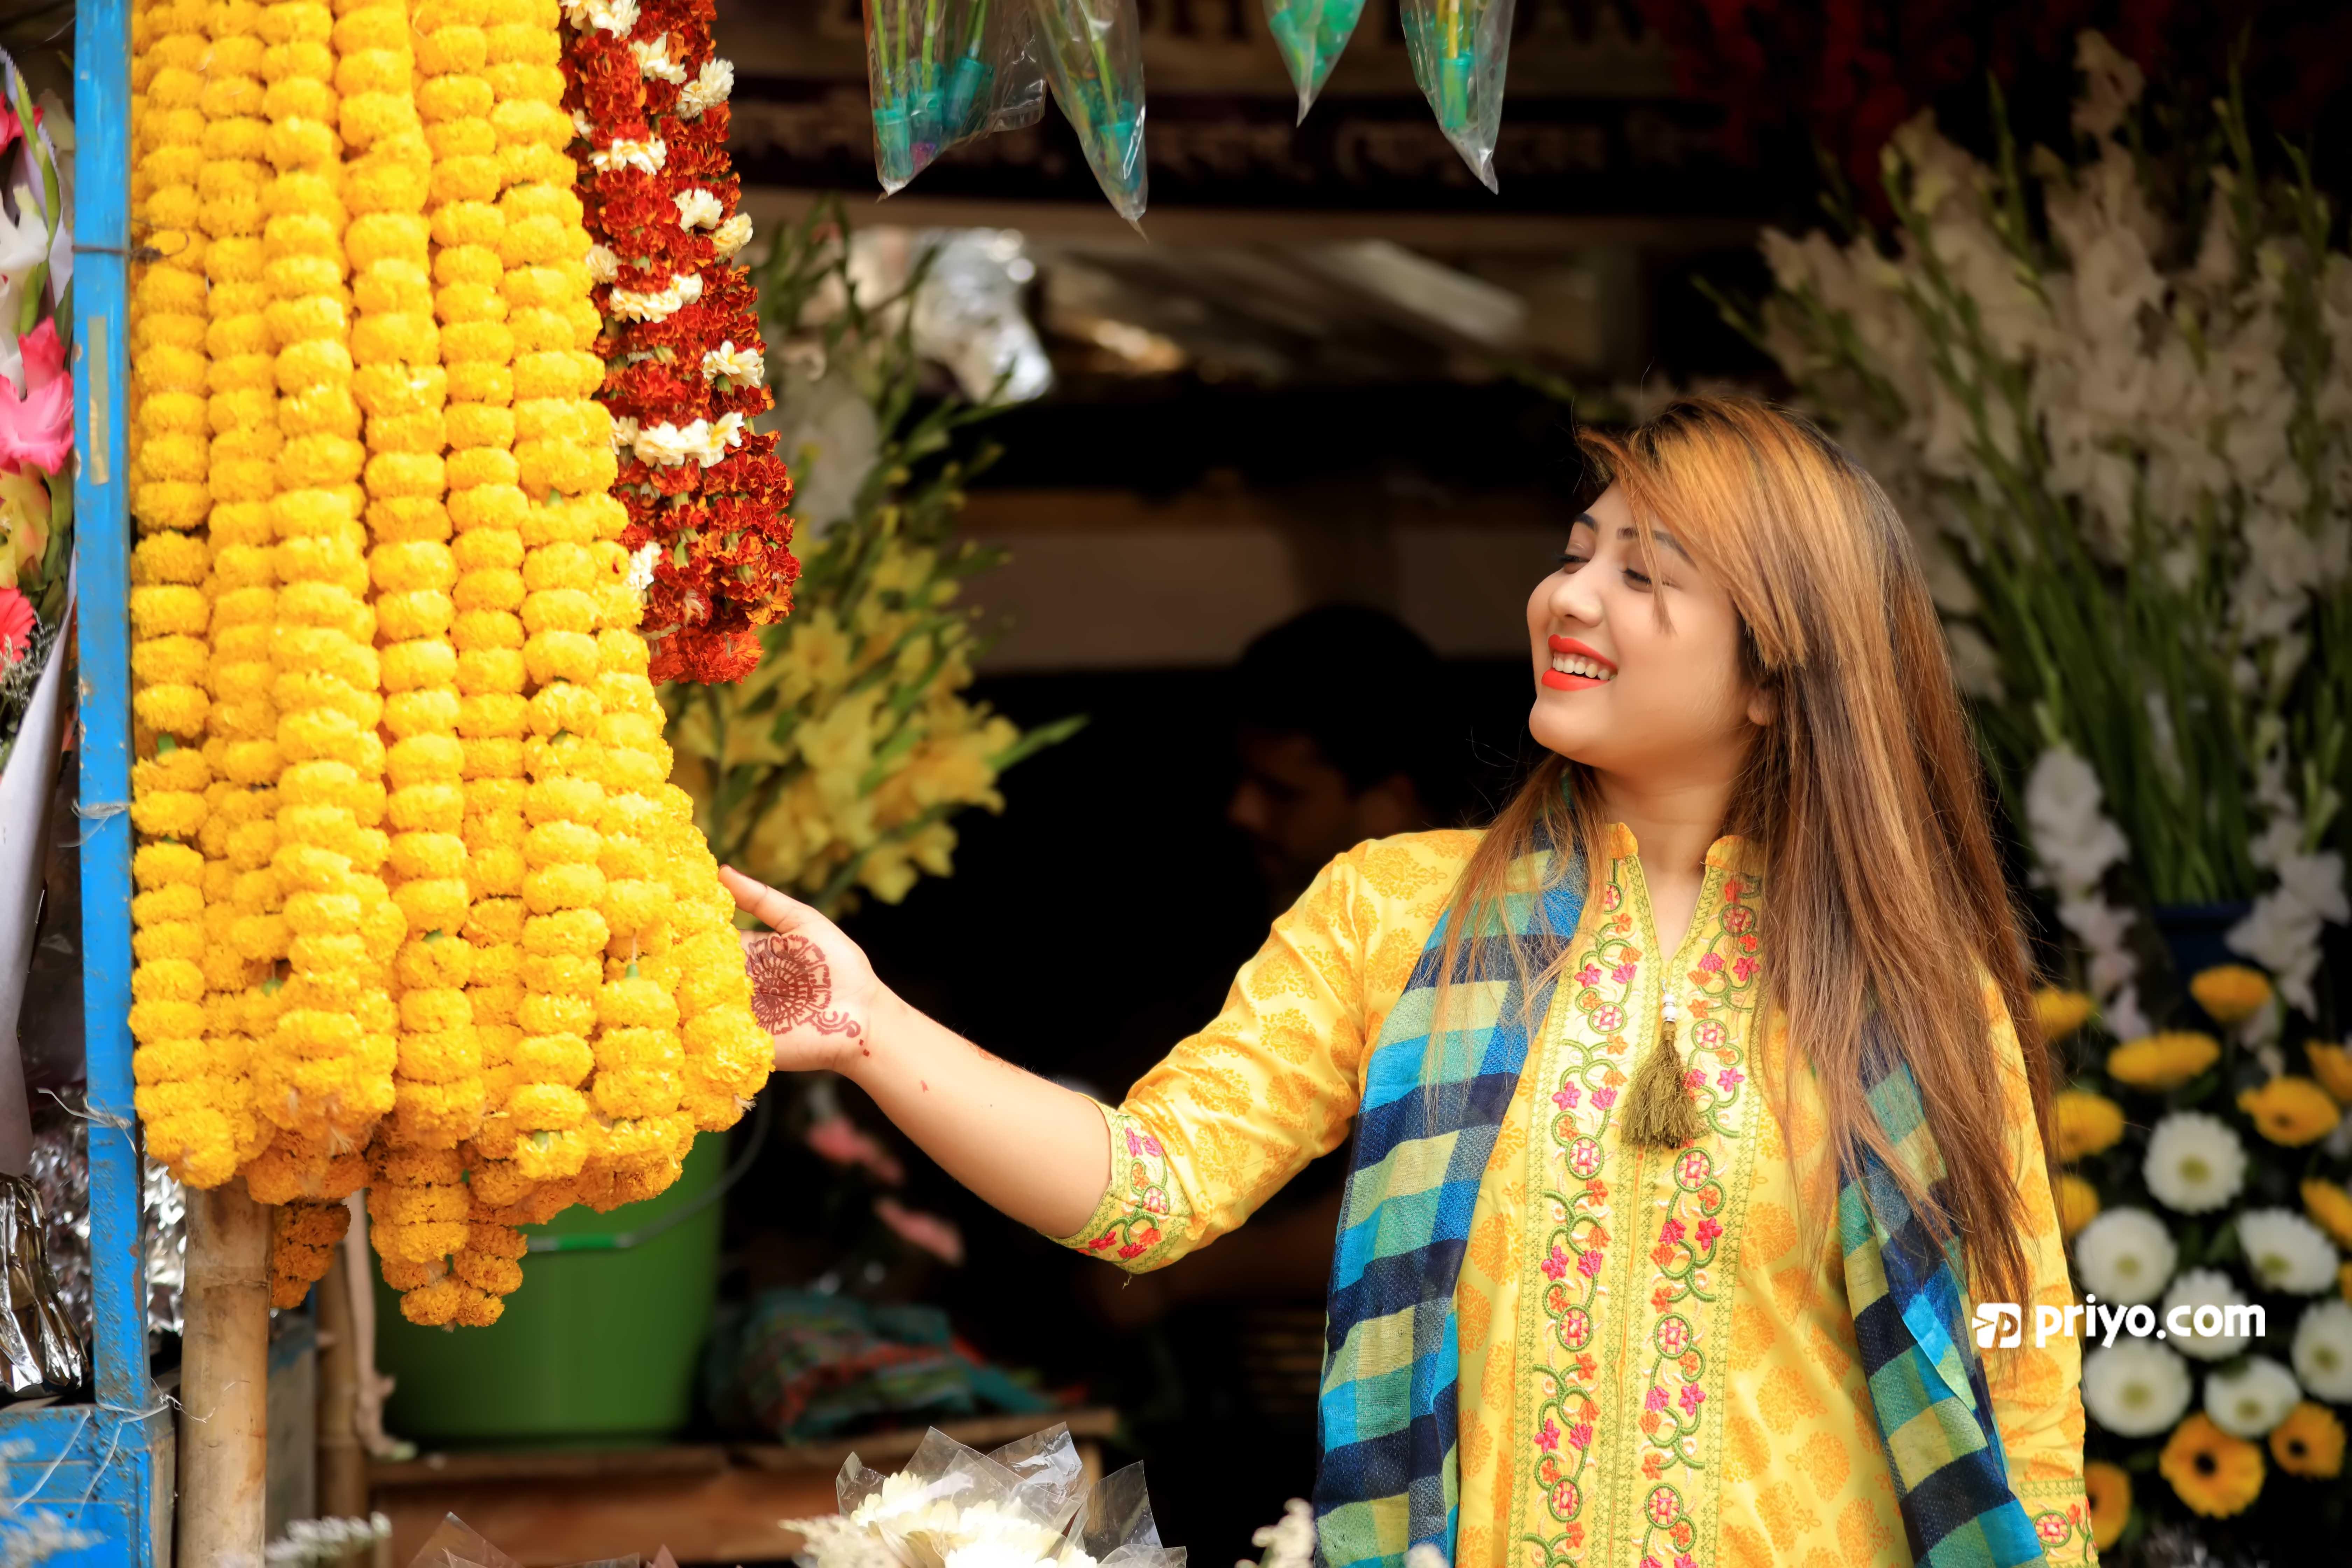 ঢাকার শাহবাগে ফুলের বাজারে ফুল কিনছেন এক তরুণী।  ছবি: শামছুল হক রিপন